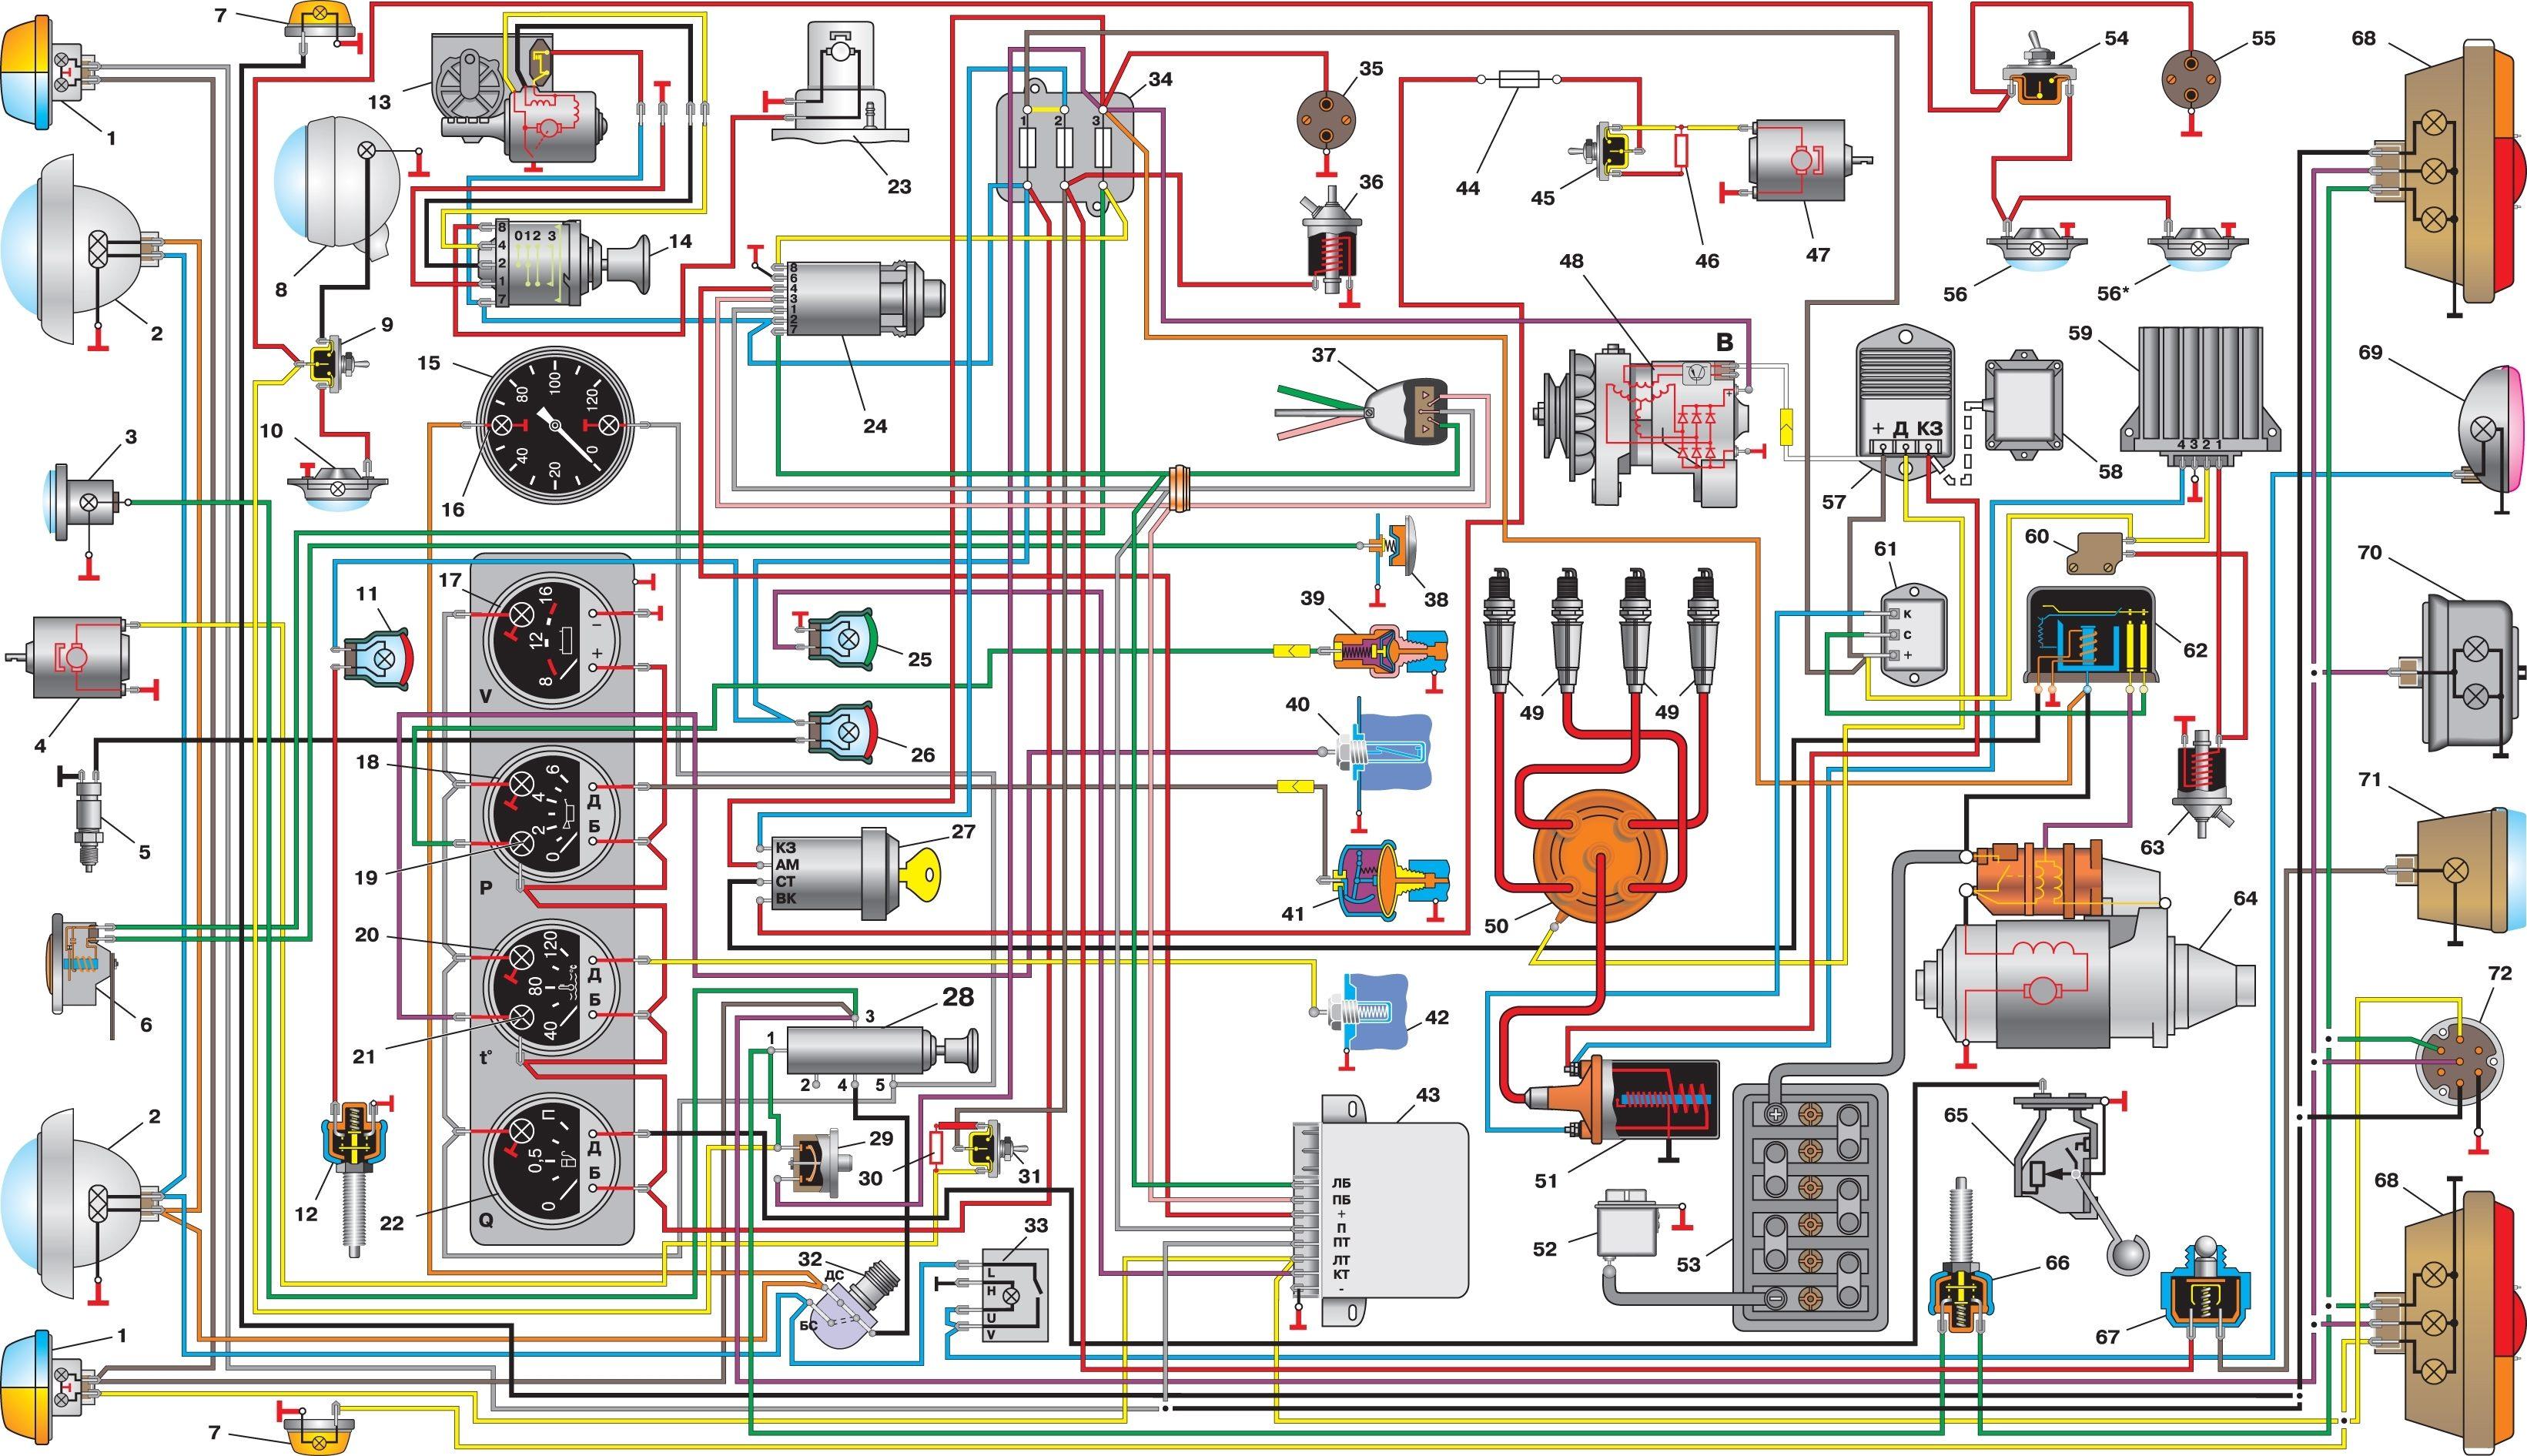 Газопроводная сеть в мире схема